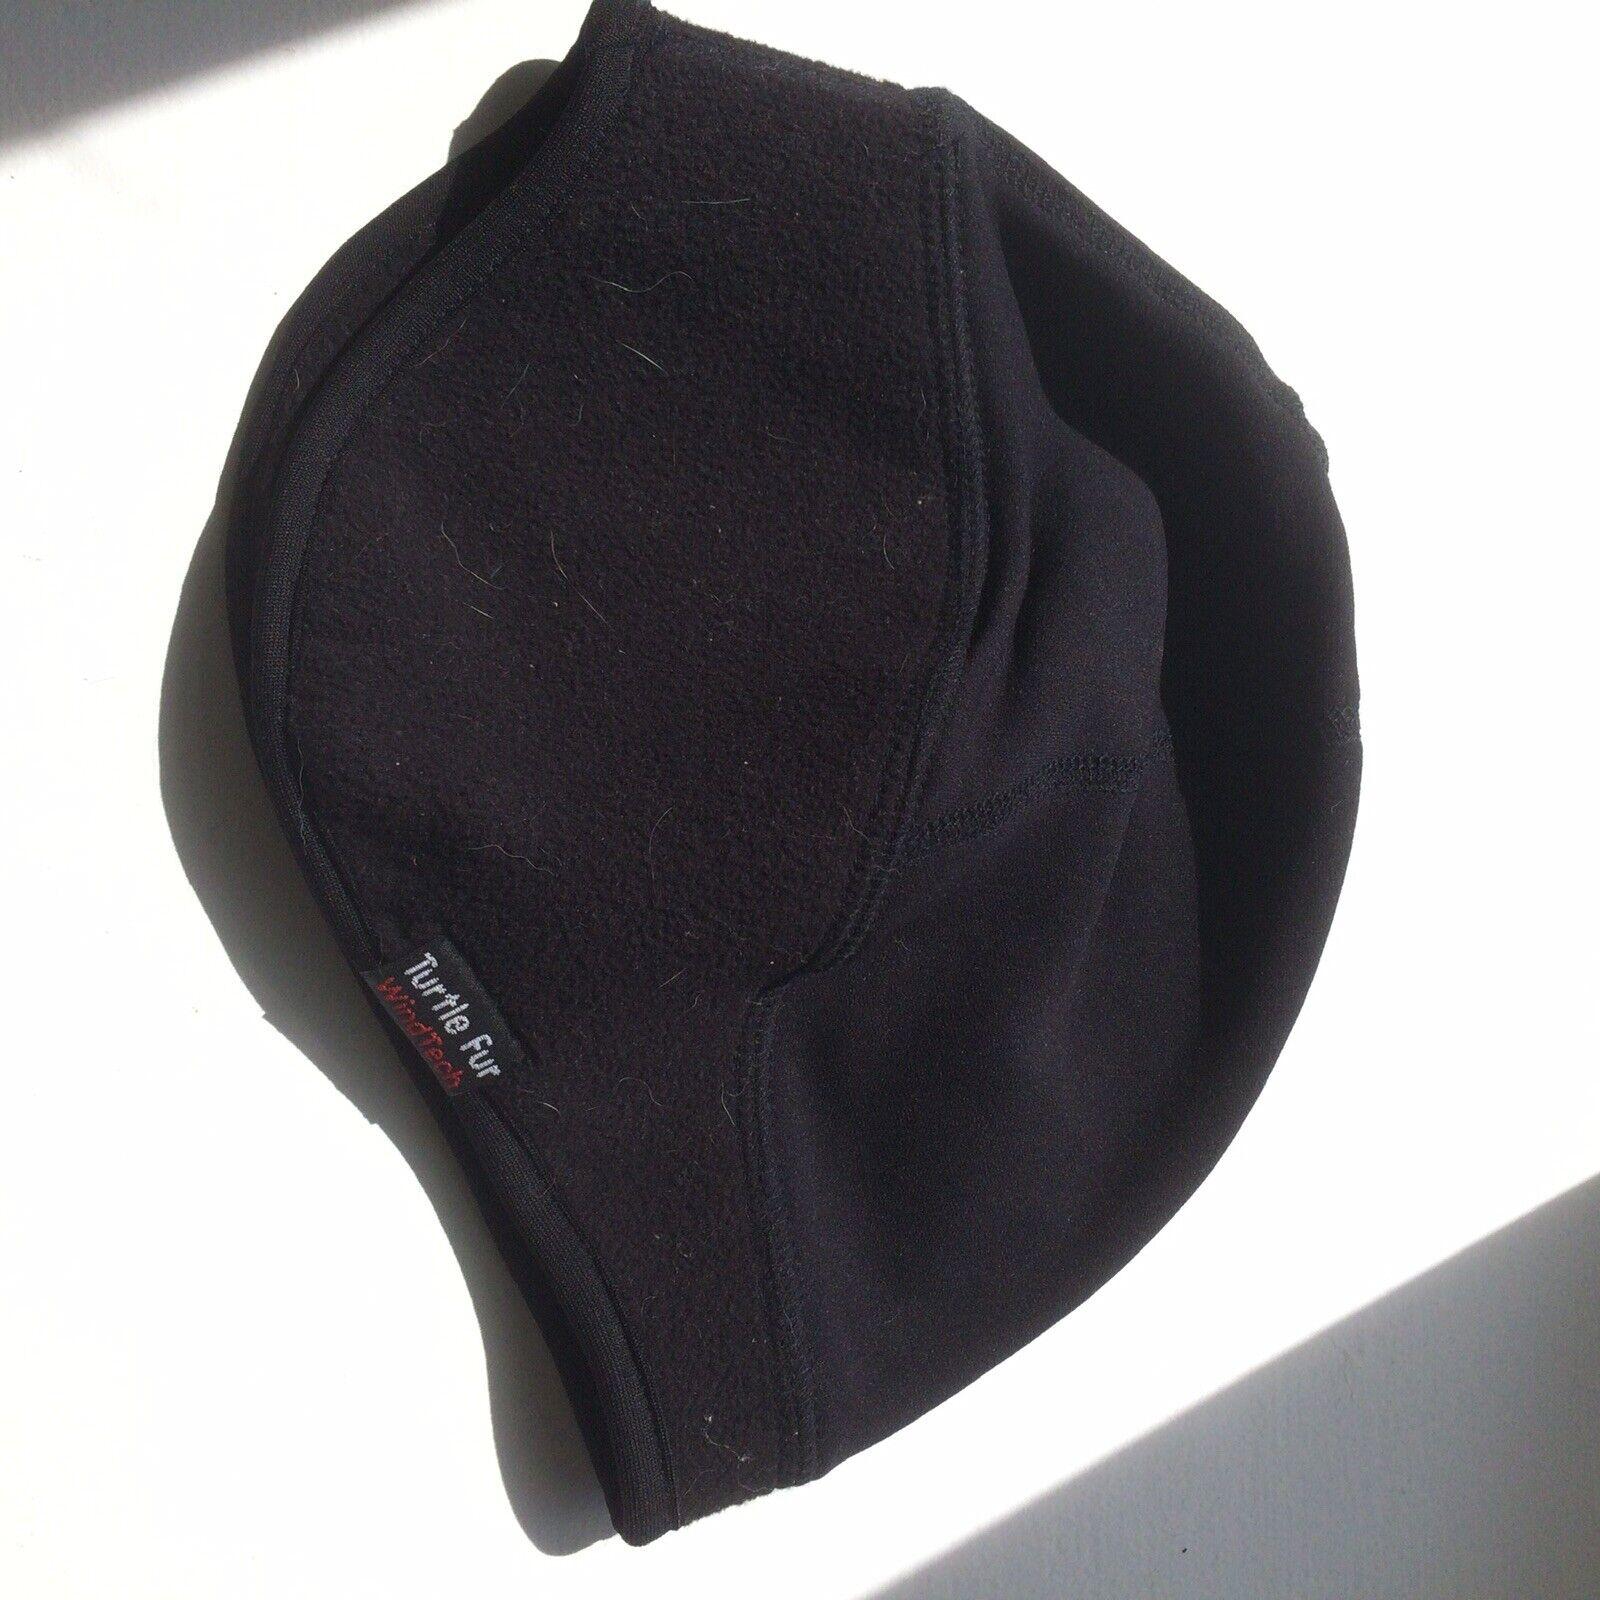 Turtle fur marca Sombrero De Esquí, se ajusta para mujer Cabeza-Pequeño